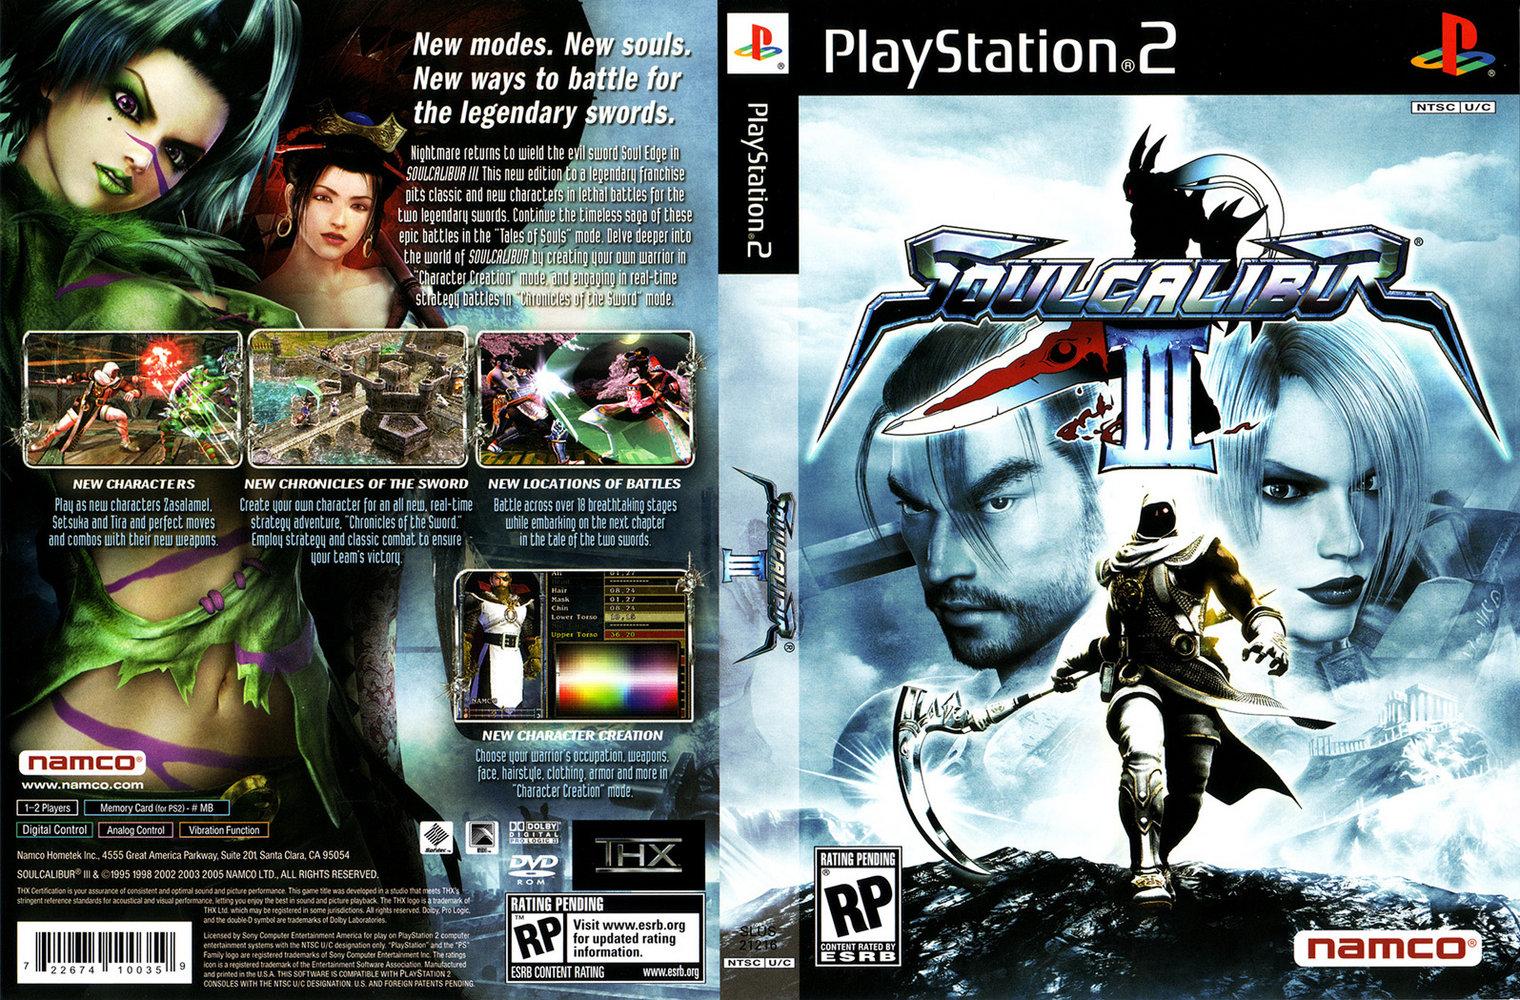 http://2.bp.blogspot.com/_JBZZOPrDjd4/TPPVFVkA_kI/AAAAAAAAByc/rIaSsCjw6TM/s1600/Soul+Calibur+3.jpg